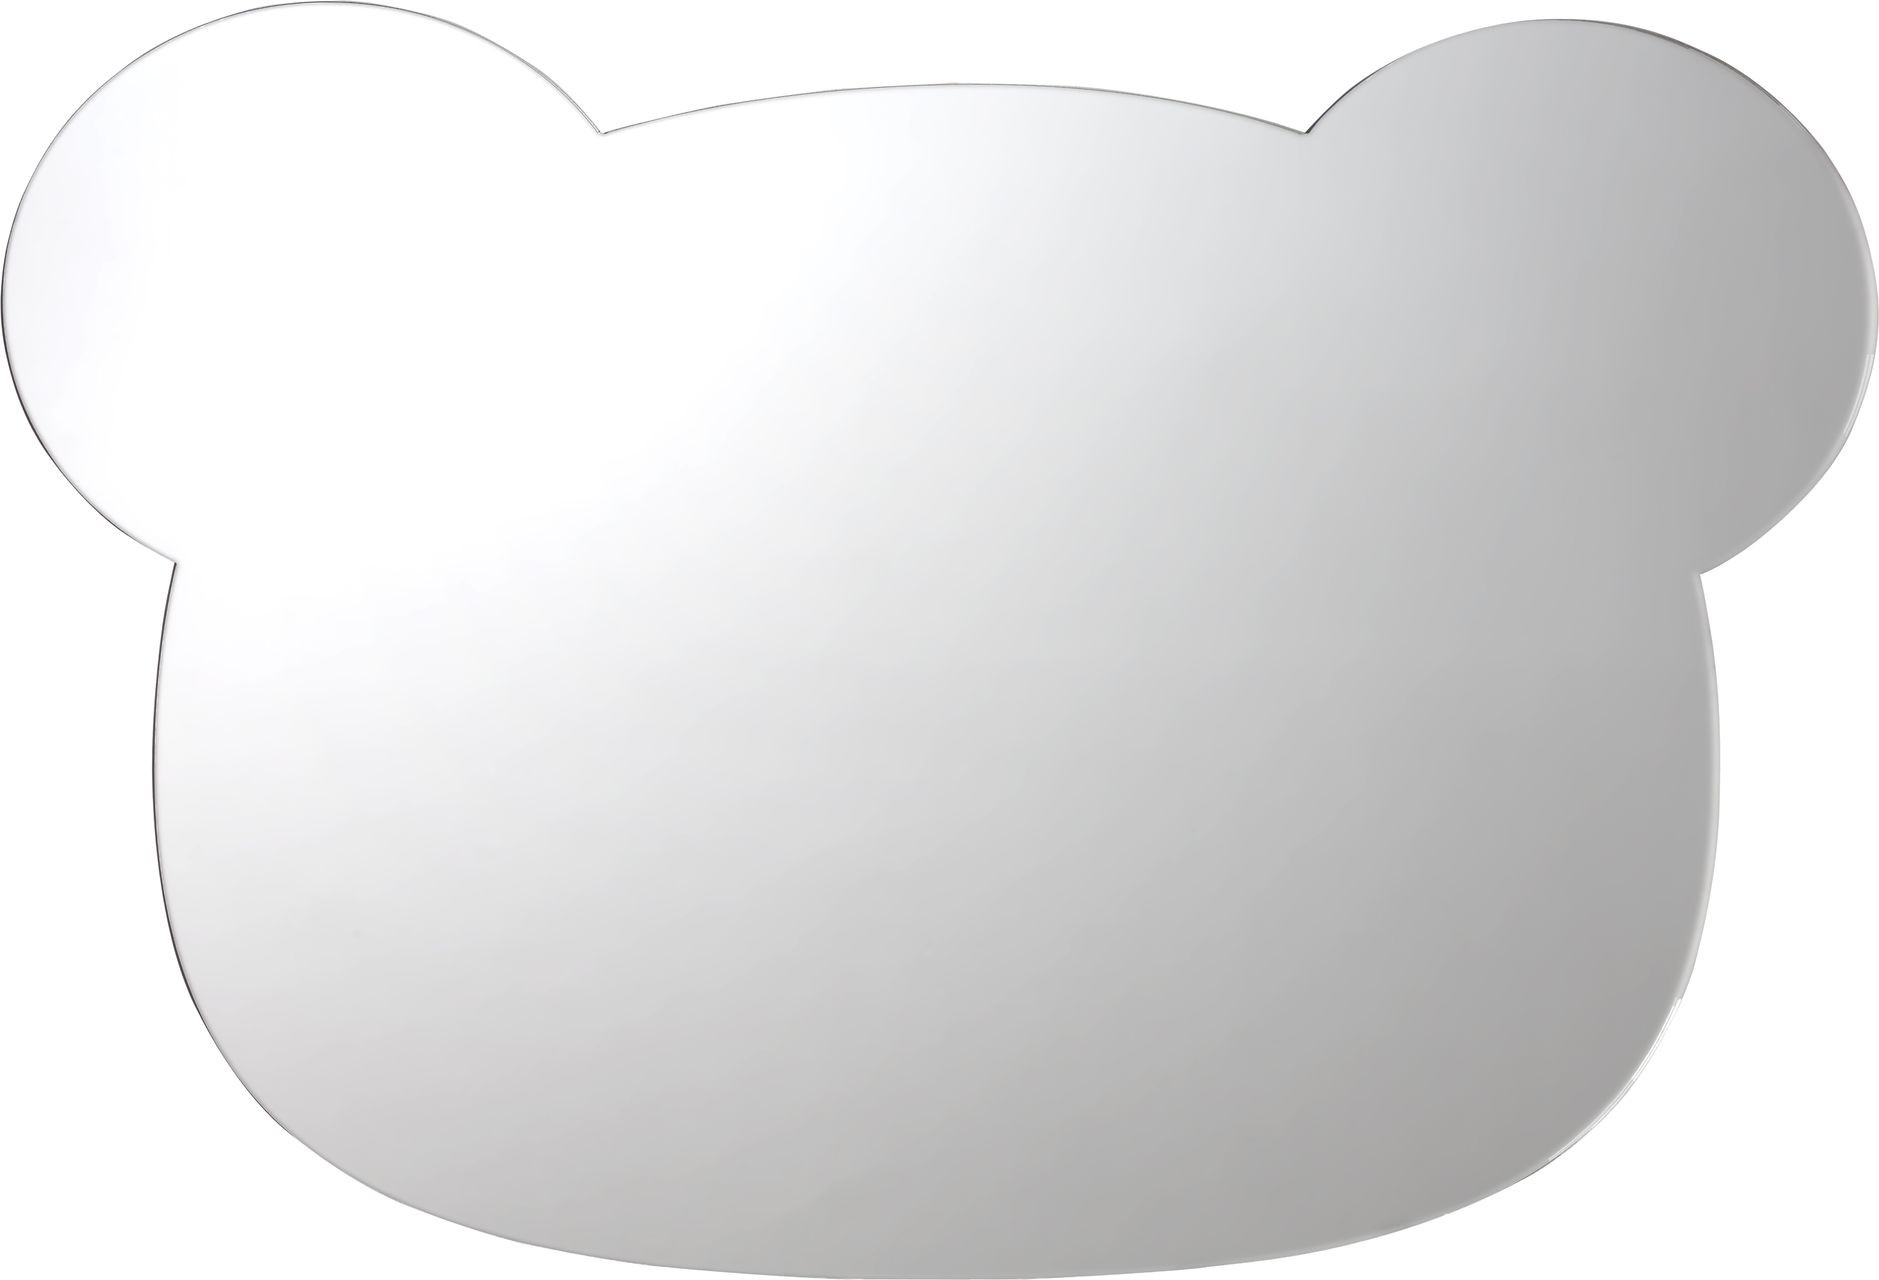 Full Size of Spiegel Kinderzimmer Regal Spiegelleuchten Bad Weiß Fliesenspiegel Küche Selber Machen Spiegelleuchte Spiegelschrank Led Wandspiegel Spiegelschränke Fürs Kinderzimmer Spiegel Kinderzimmer